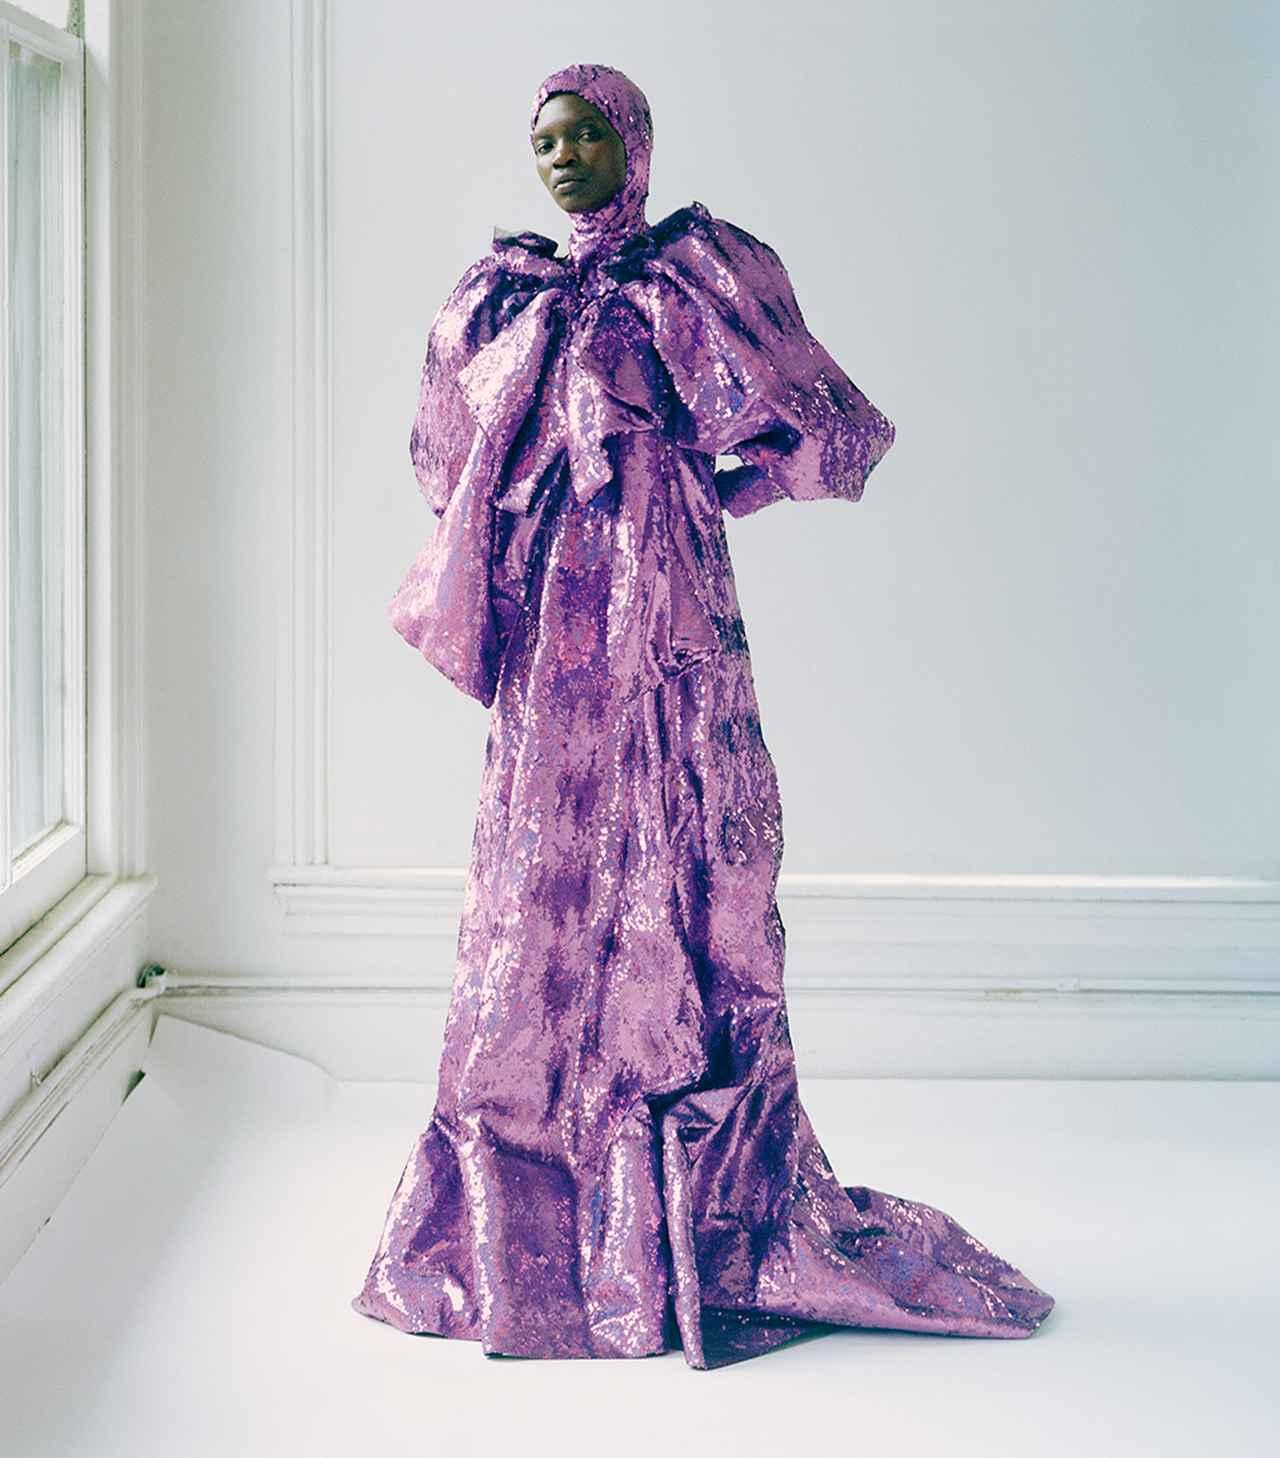 Images : 1番目の画像 - 「ファッションが映し出す、 世界の終わりの予感」のアルバム - T JAPAN:The New York Times Style Magazine 公式サイト